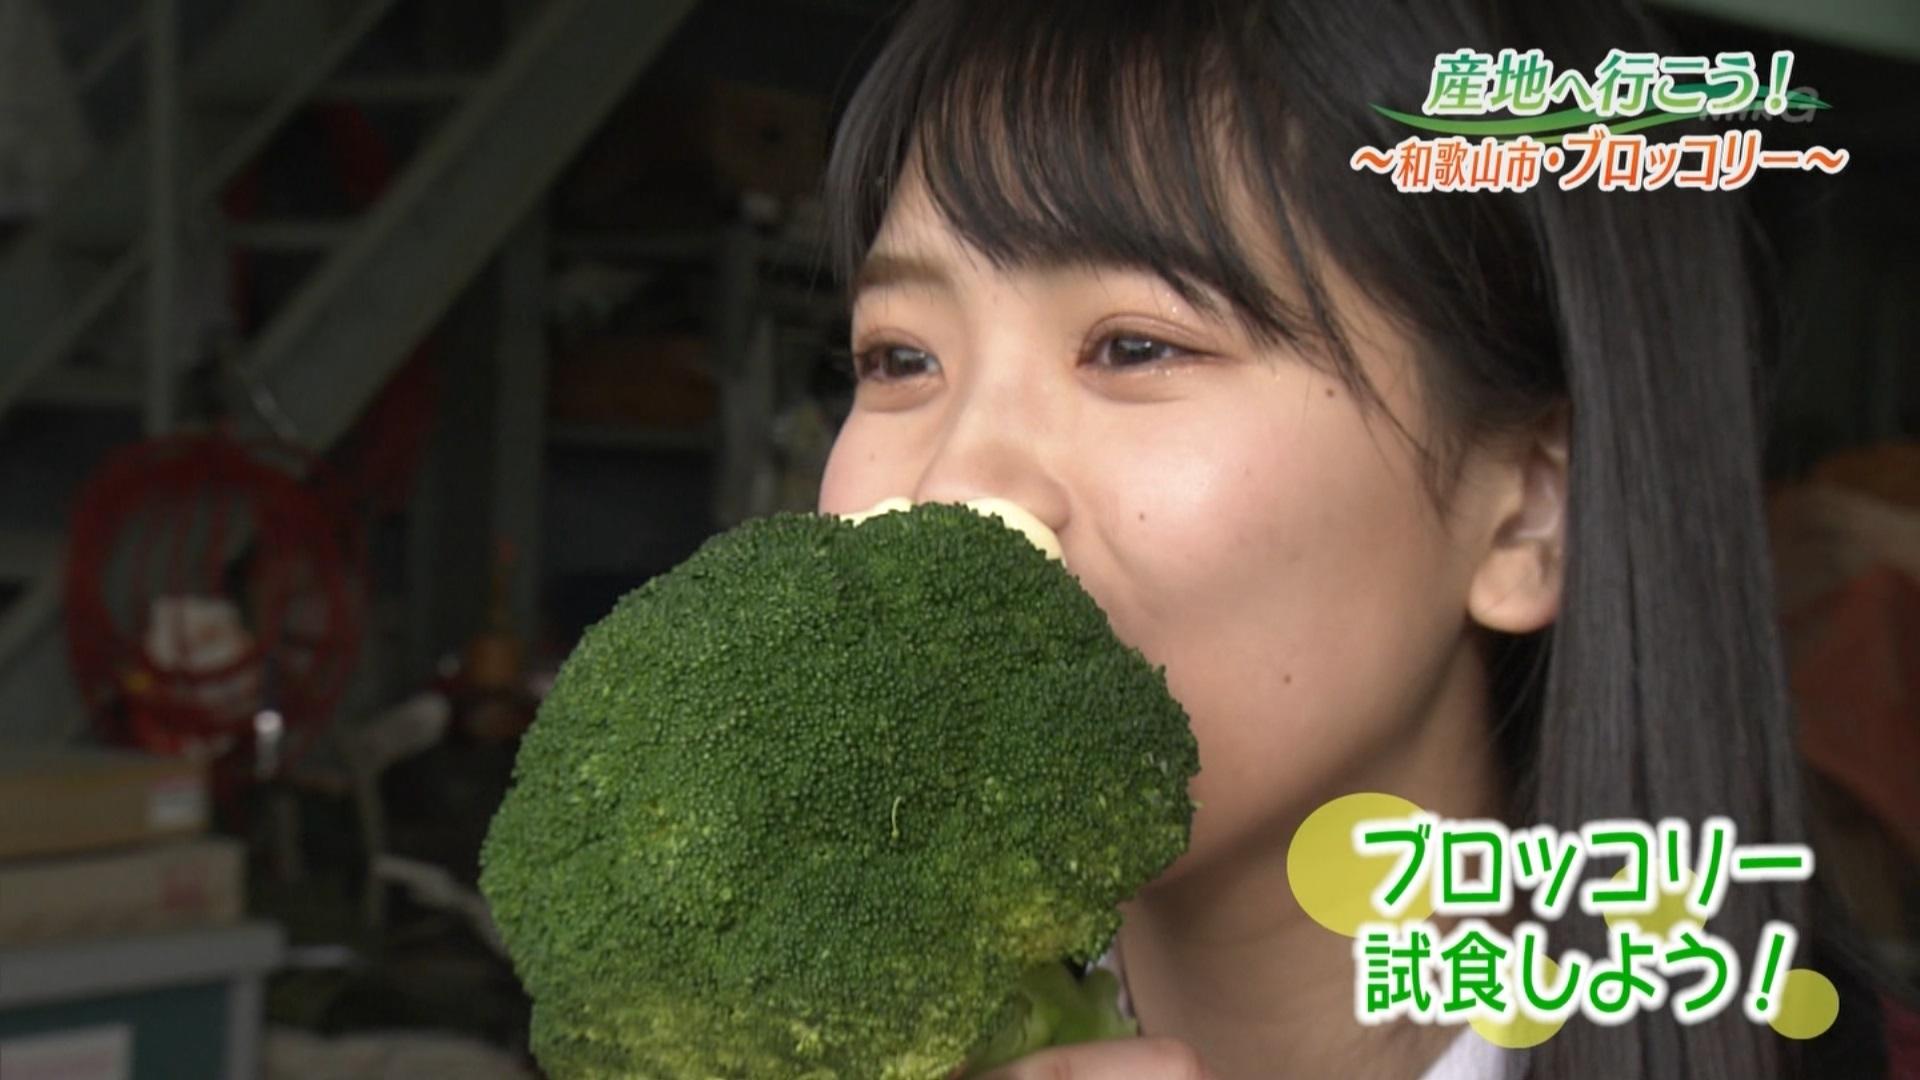 【安田桃寧】 ももねが出演した2/18放送「ぐるっと関西おひるまえ・産地へ行こう!」の画像